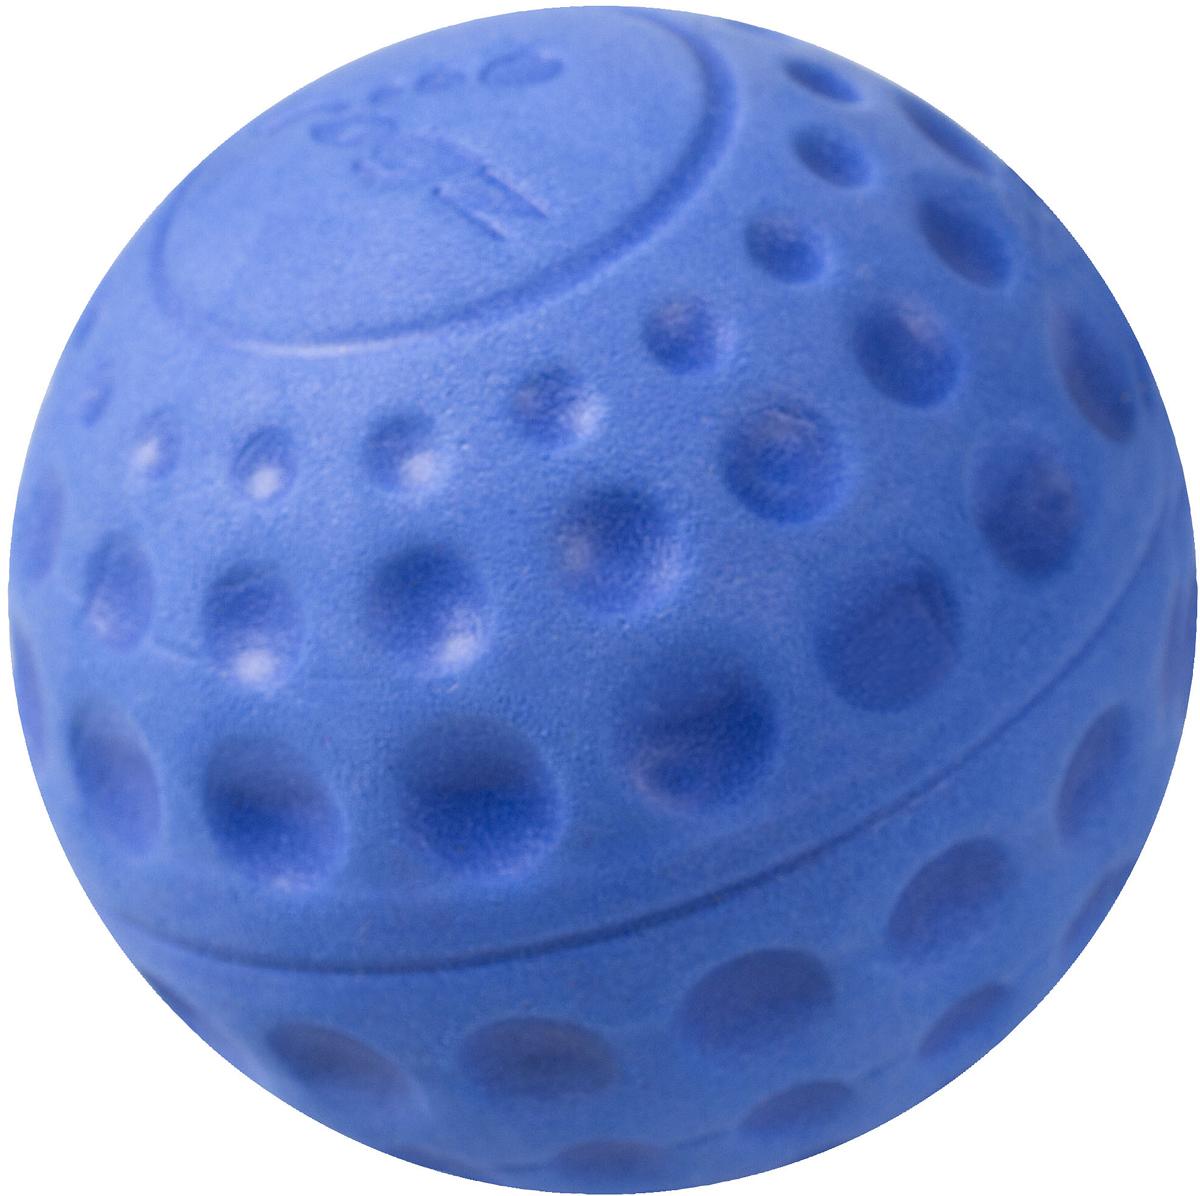 Игрушка для собак Rogz Asteroidz, цвет: синий, диаметр 4,9 см0120710Мяч предназначен для игры с хозяином Принеси.Небольшой вес, не травмирует десна, не повреждает зубы, удобно носить в пасти.Отличная упругость для подпрыгивания.Изготовлено из особого термоэла-стопласта SEBS, обеспечивающего великолепную плавучесть в воде, поэтому игрушка отлично подходит для игры в водоеме.Материал изделия: EVA (этиленвинилацетат) - легкий мелкопористый материал, похожий на застывшую пену.Не токсичен. 100% EVA (Этиленвинилацетат)